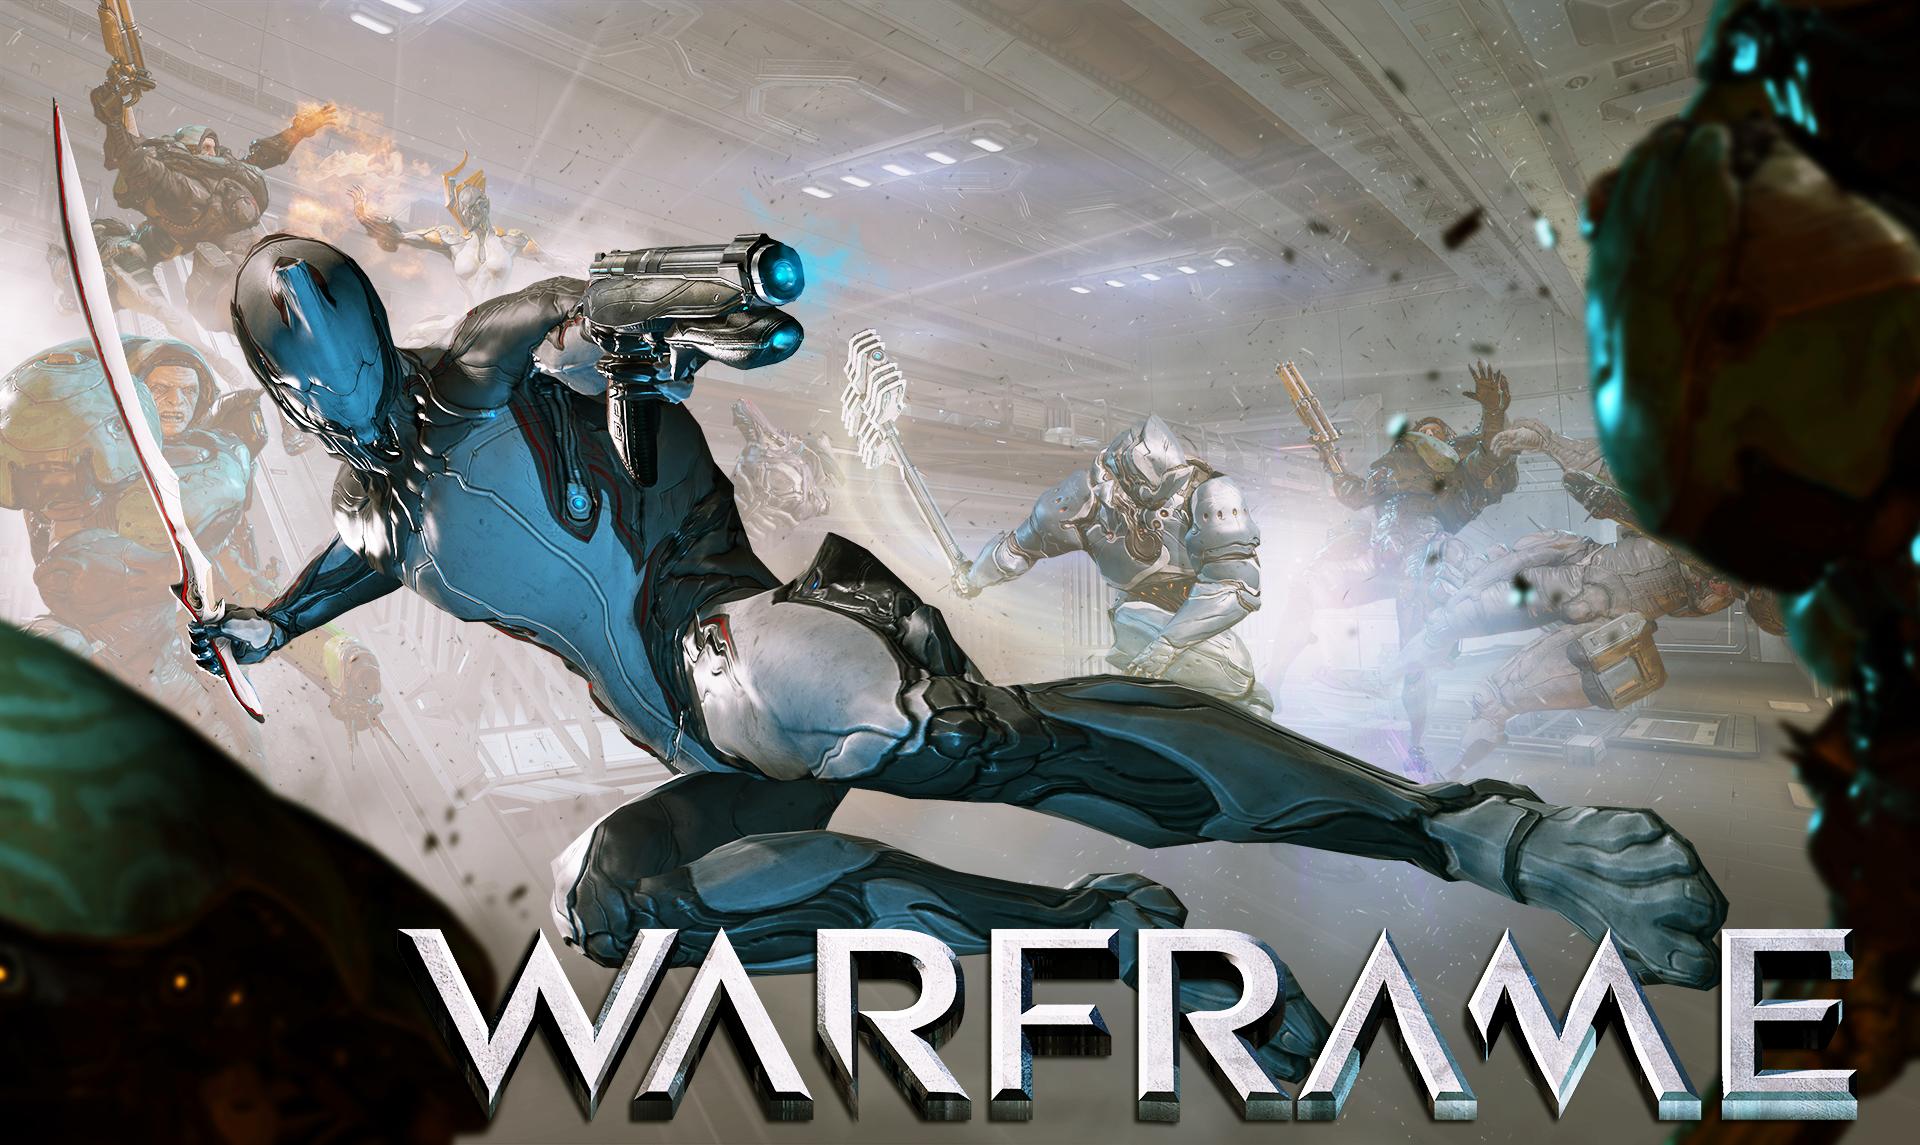 warframe wallpaper A5